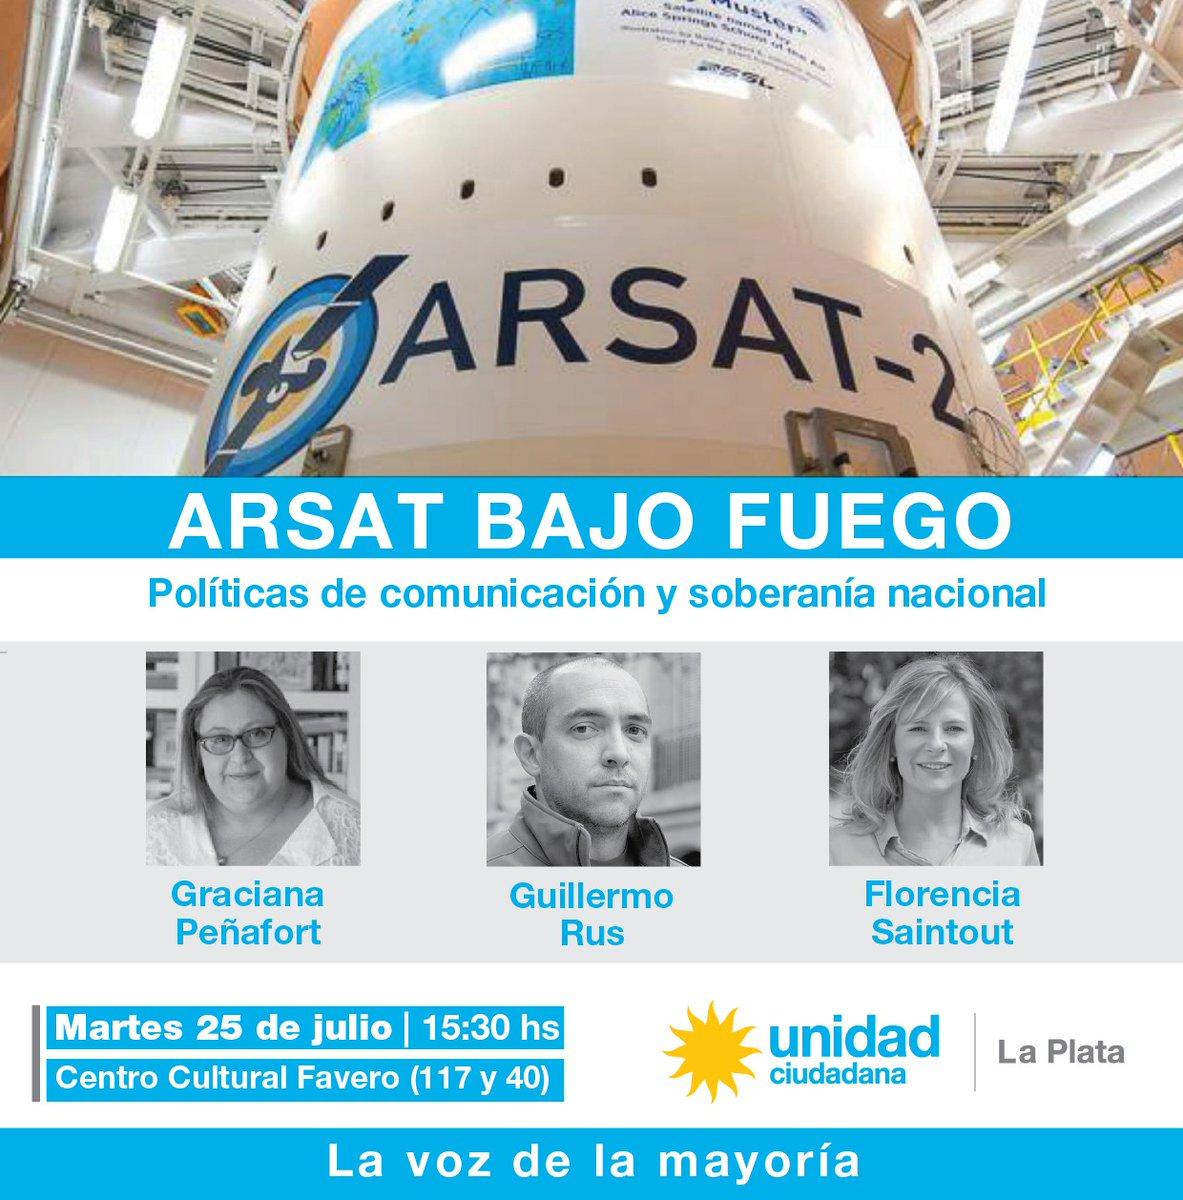 En defensa de ARSAT, Florencia expondrá en torno a los desafíos que presentan las políticas de Macri contra la soberanía nacional